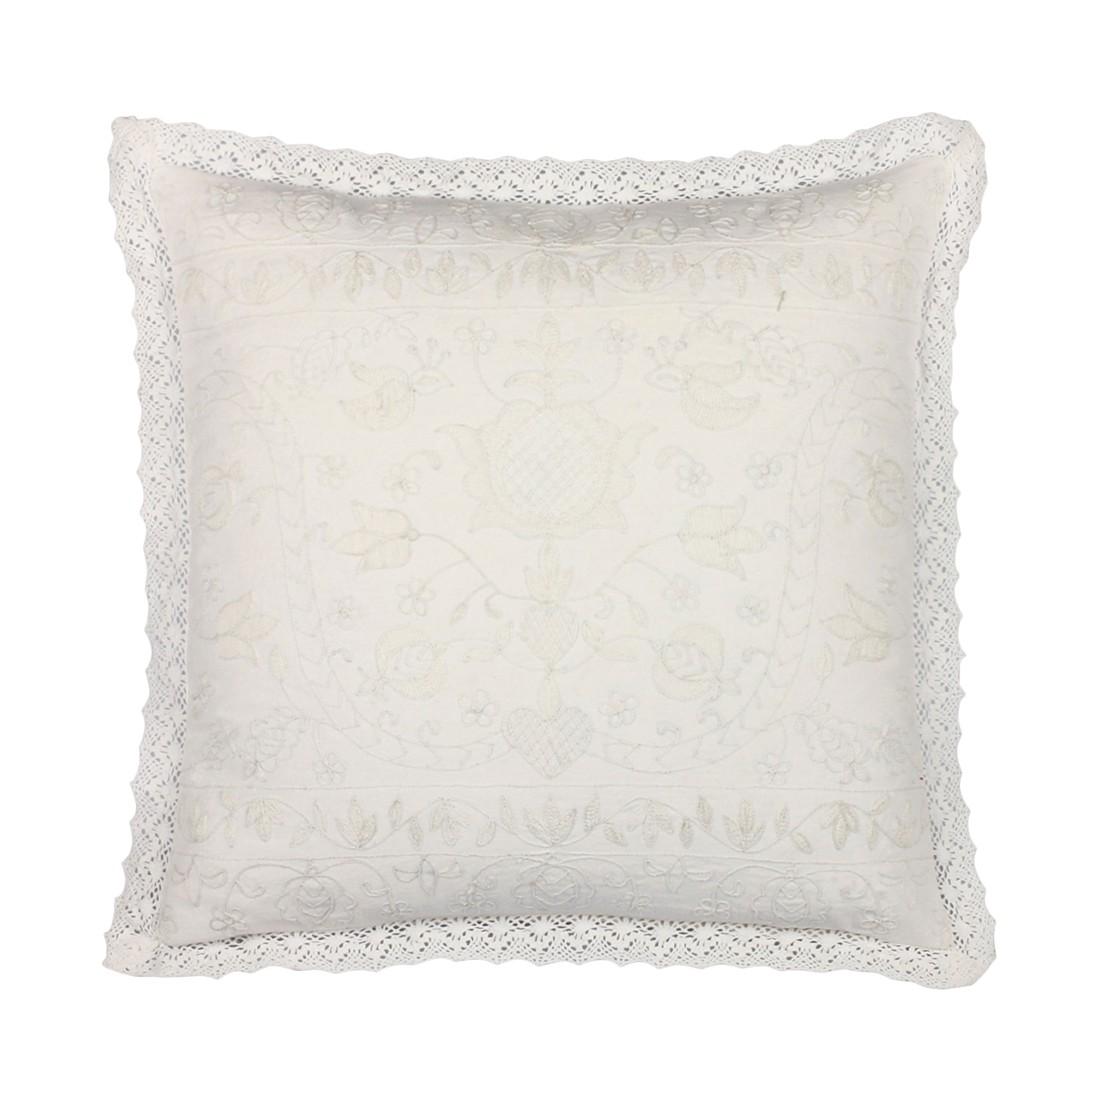 Kissen Corvaro – 45 X 45 cm, Elfenbein, Baumwolle – Kissenhülle, ohne Füllung, Dutch Decor günstig bestellen